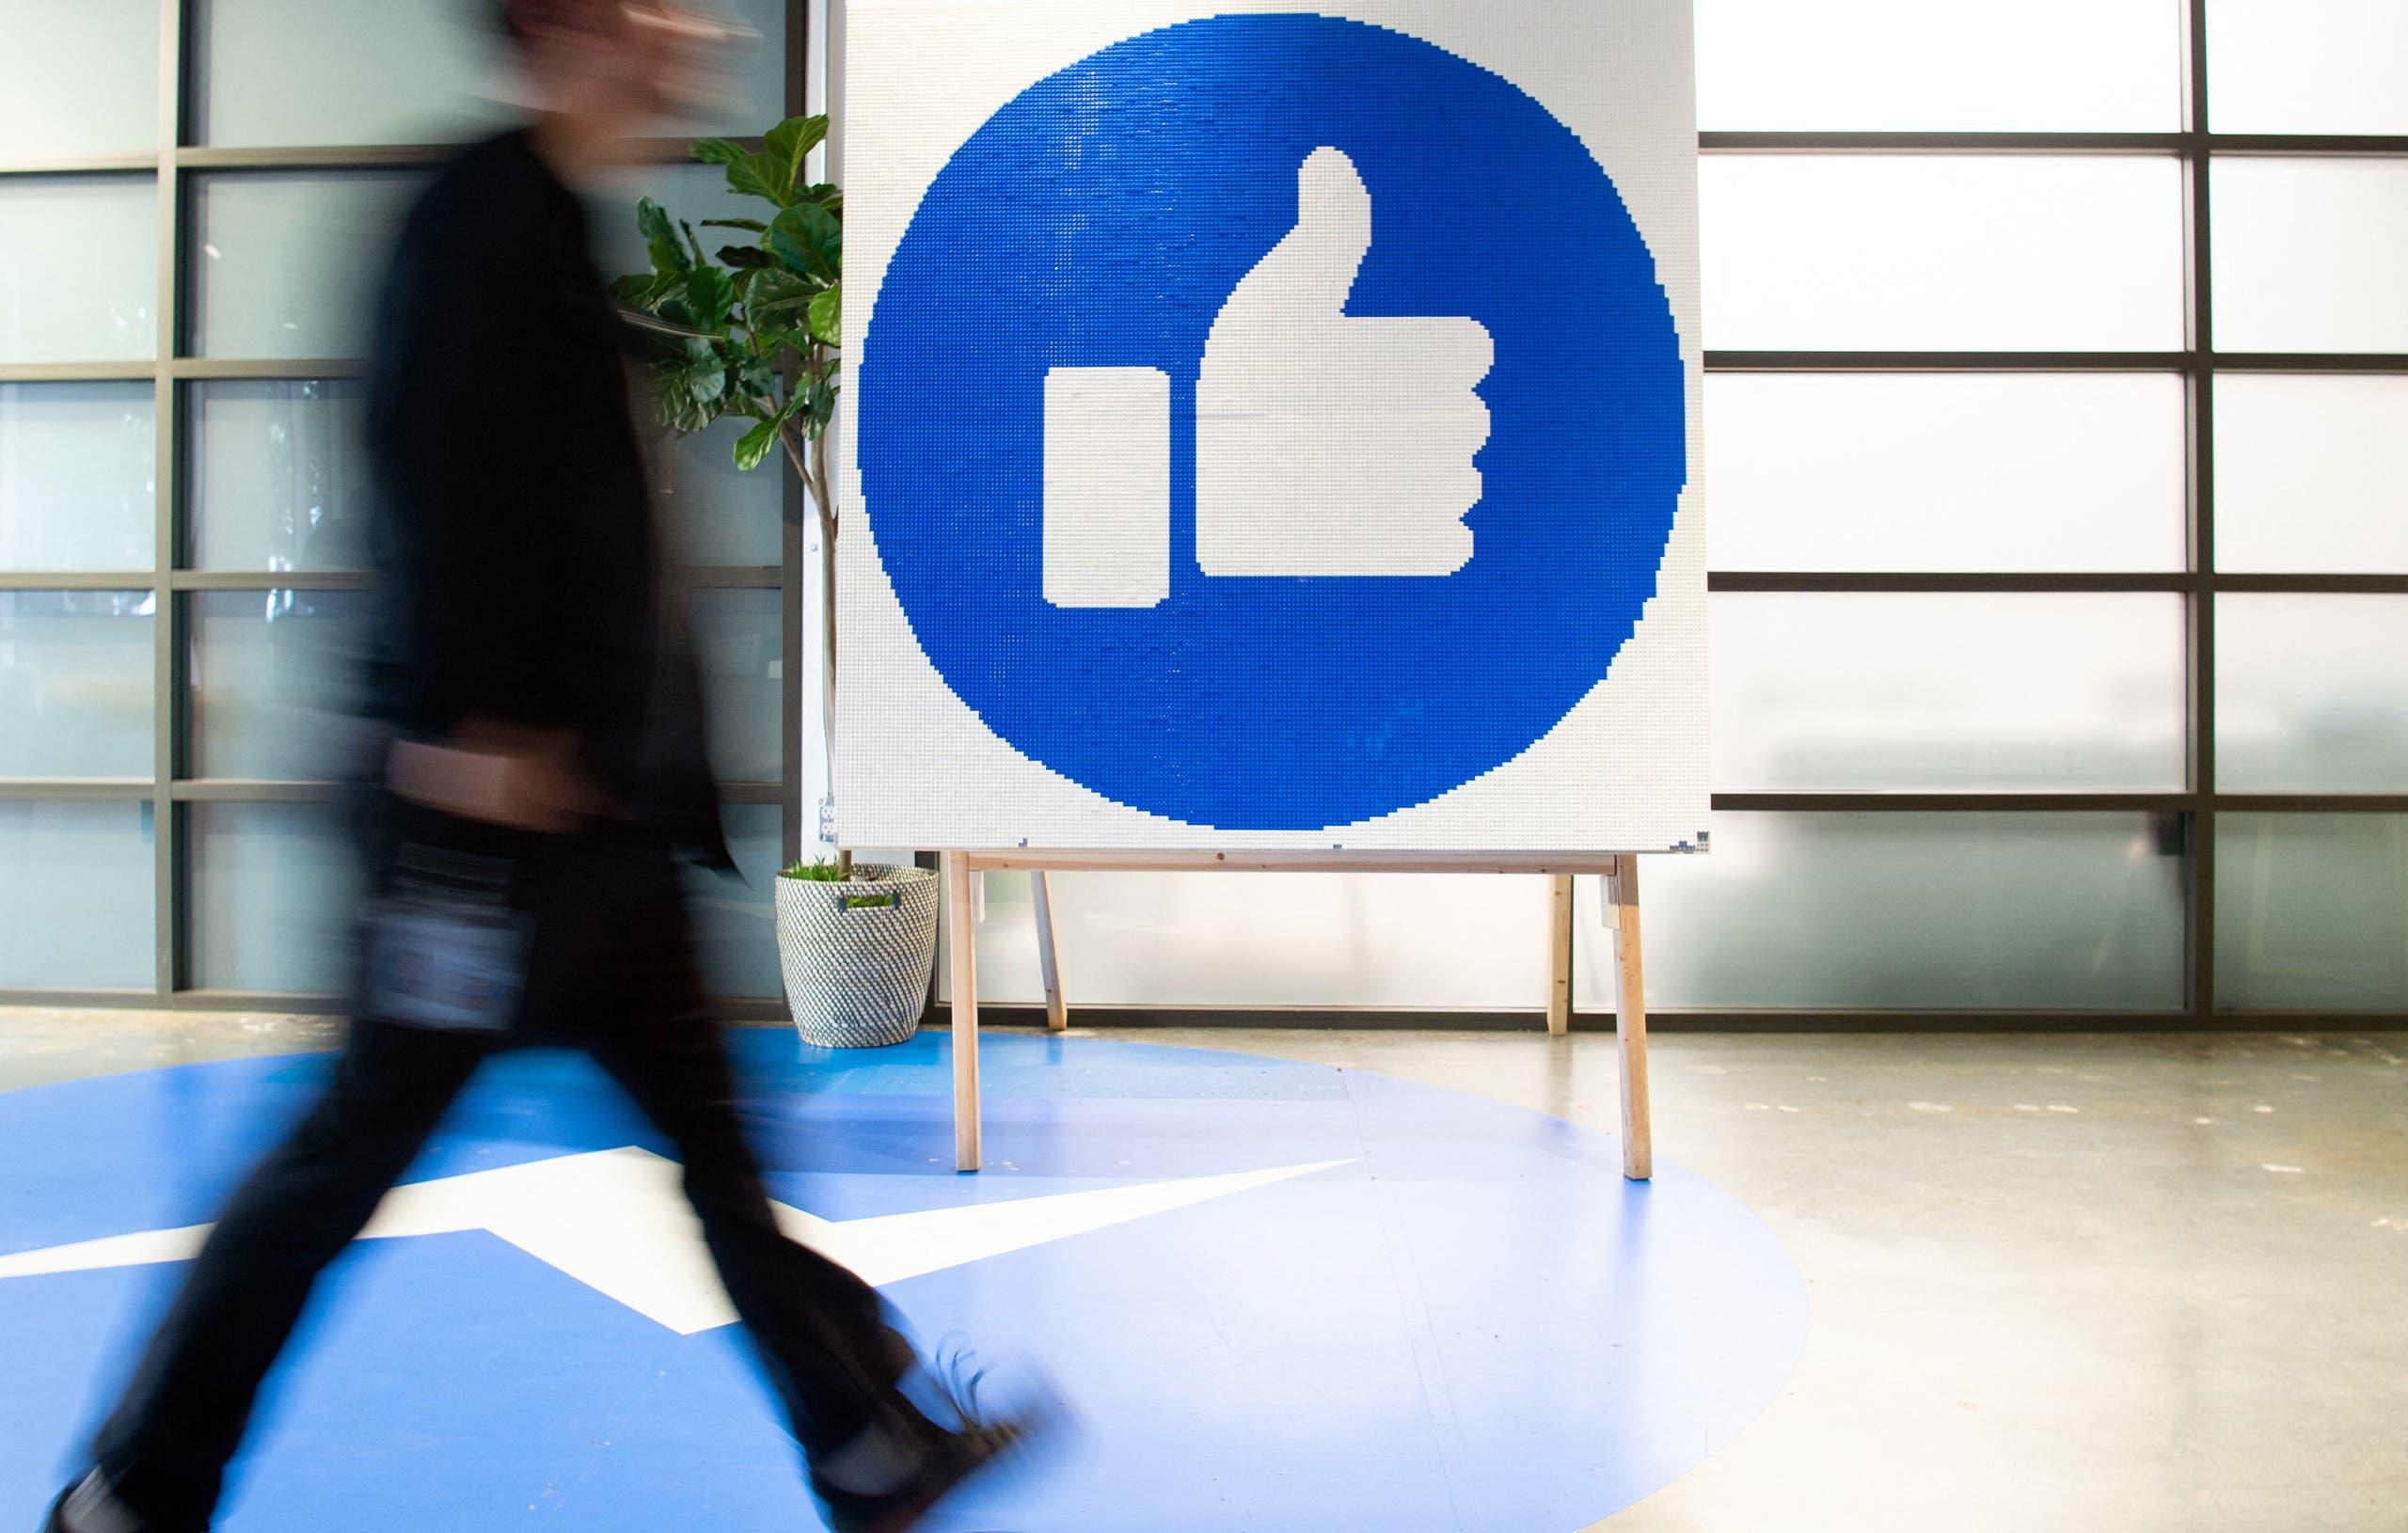 موظف في فيسبوك يمر أمام علامة إعجاب كبيرة في مقر الشركة في كاليفورنيا